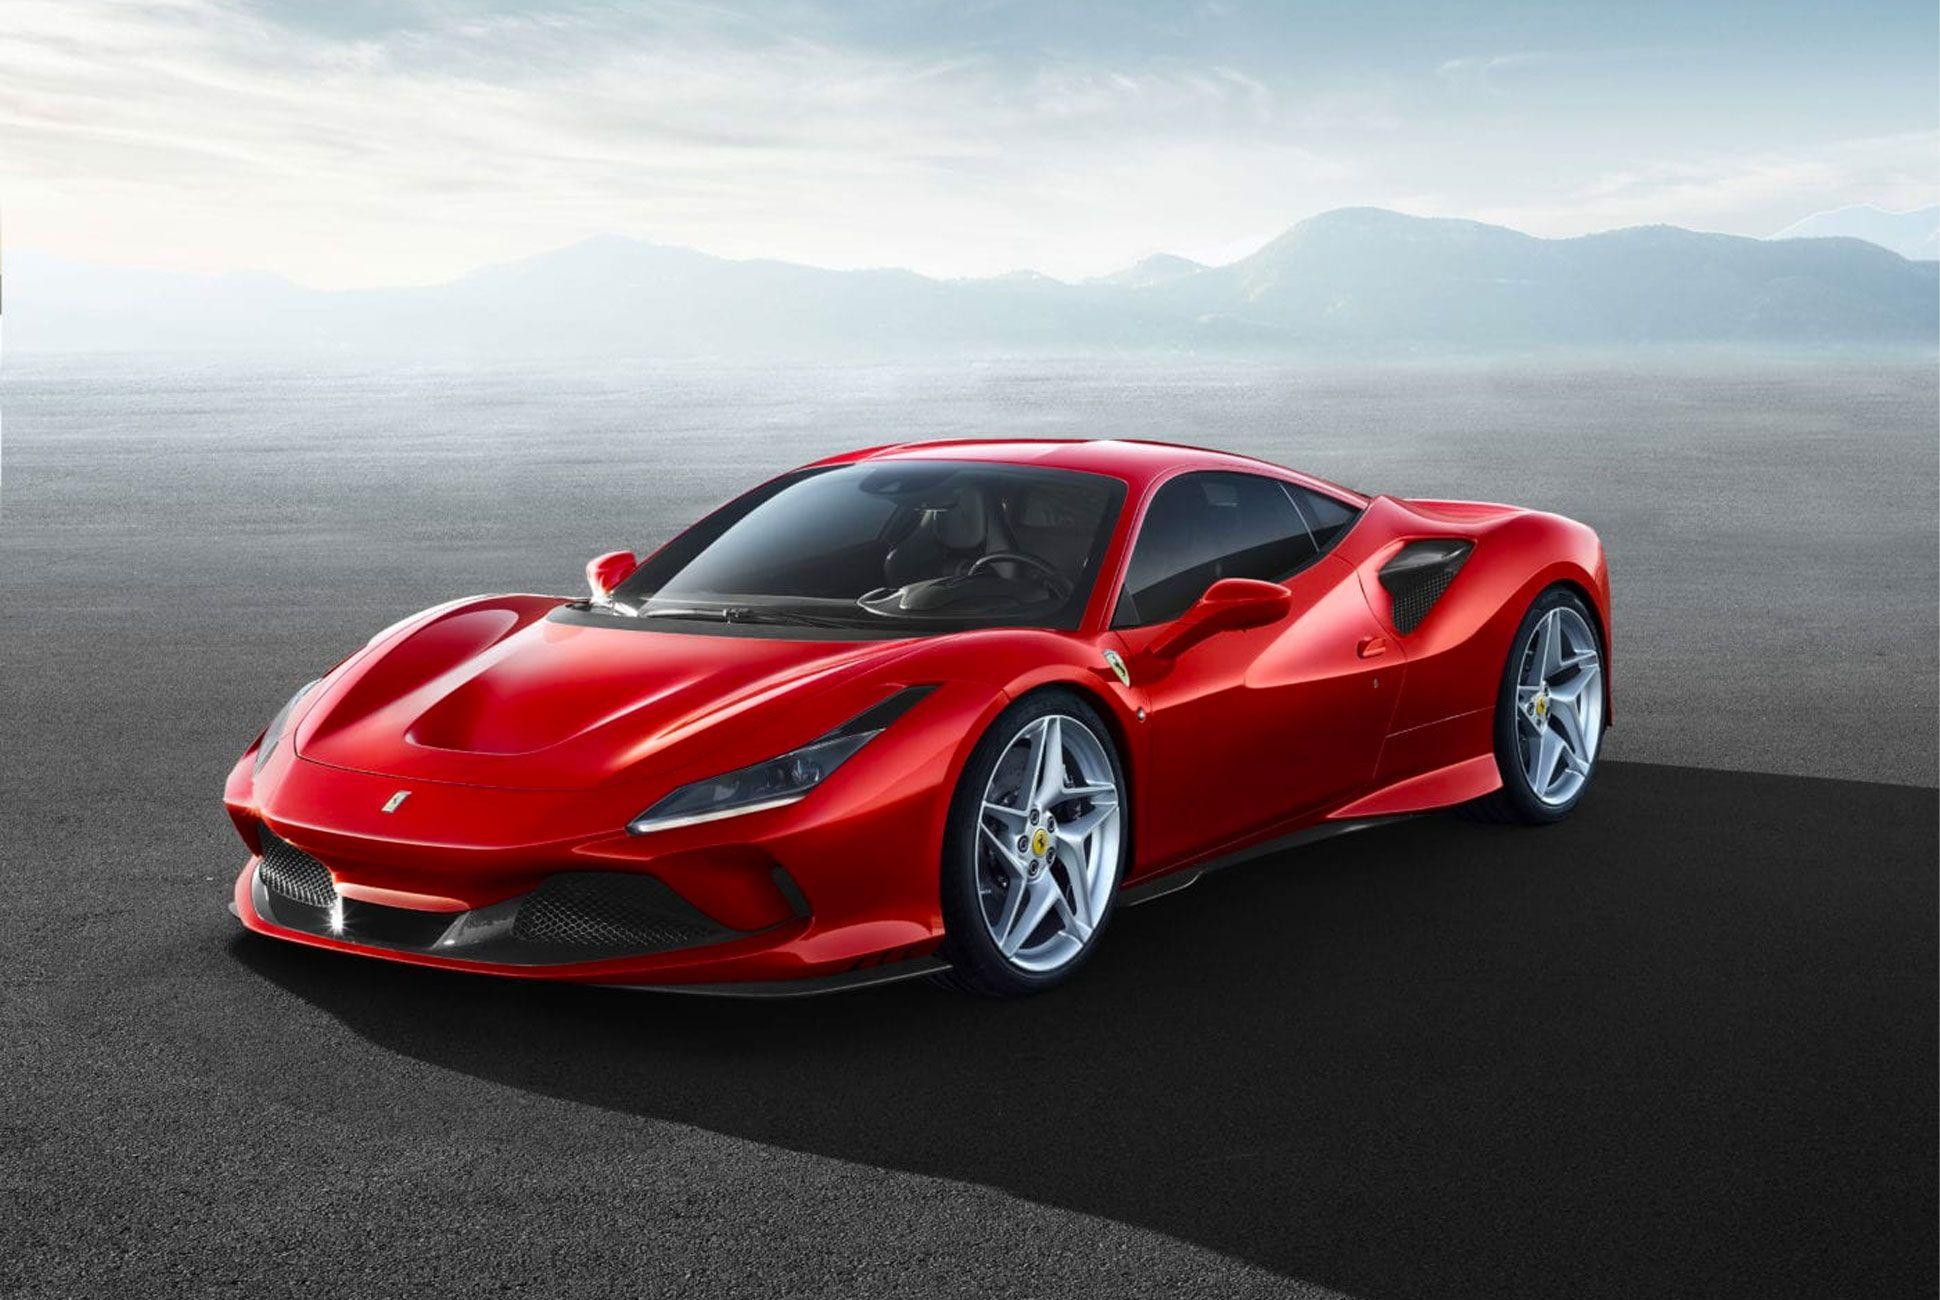 Ferrari-F8-Triturbo-Gear-Patrol-slide-1